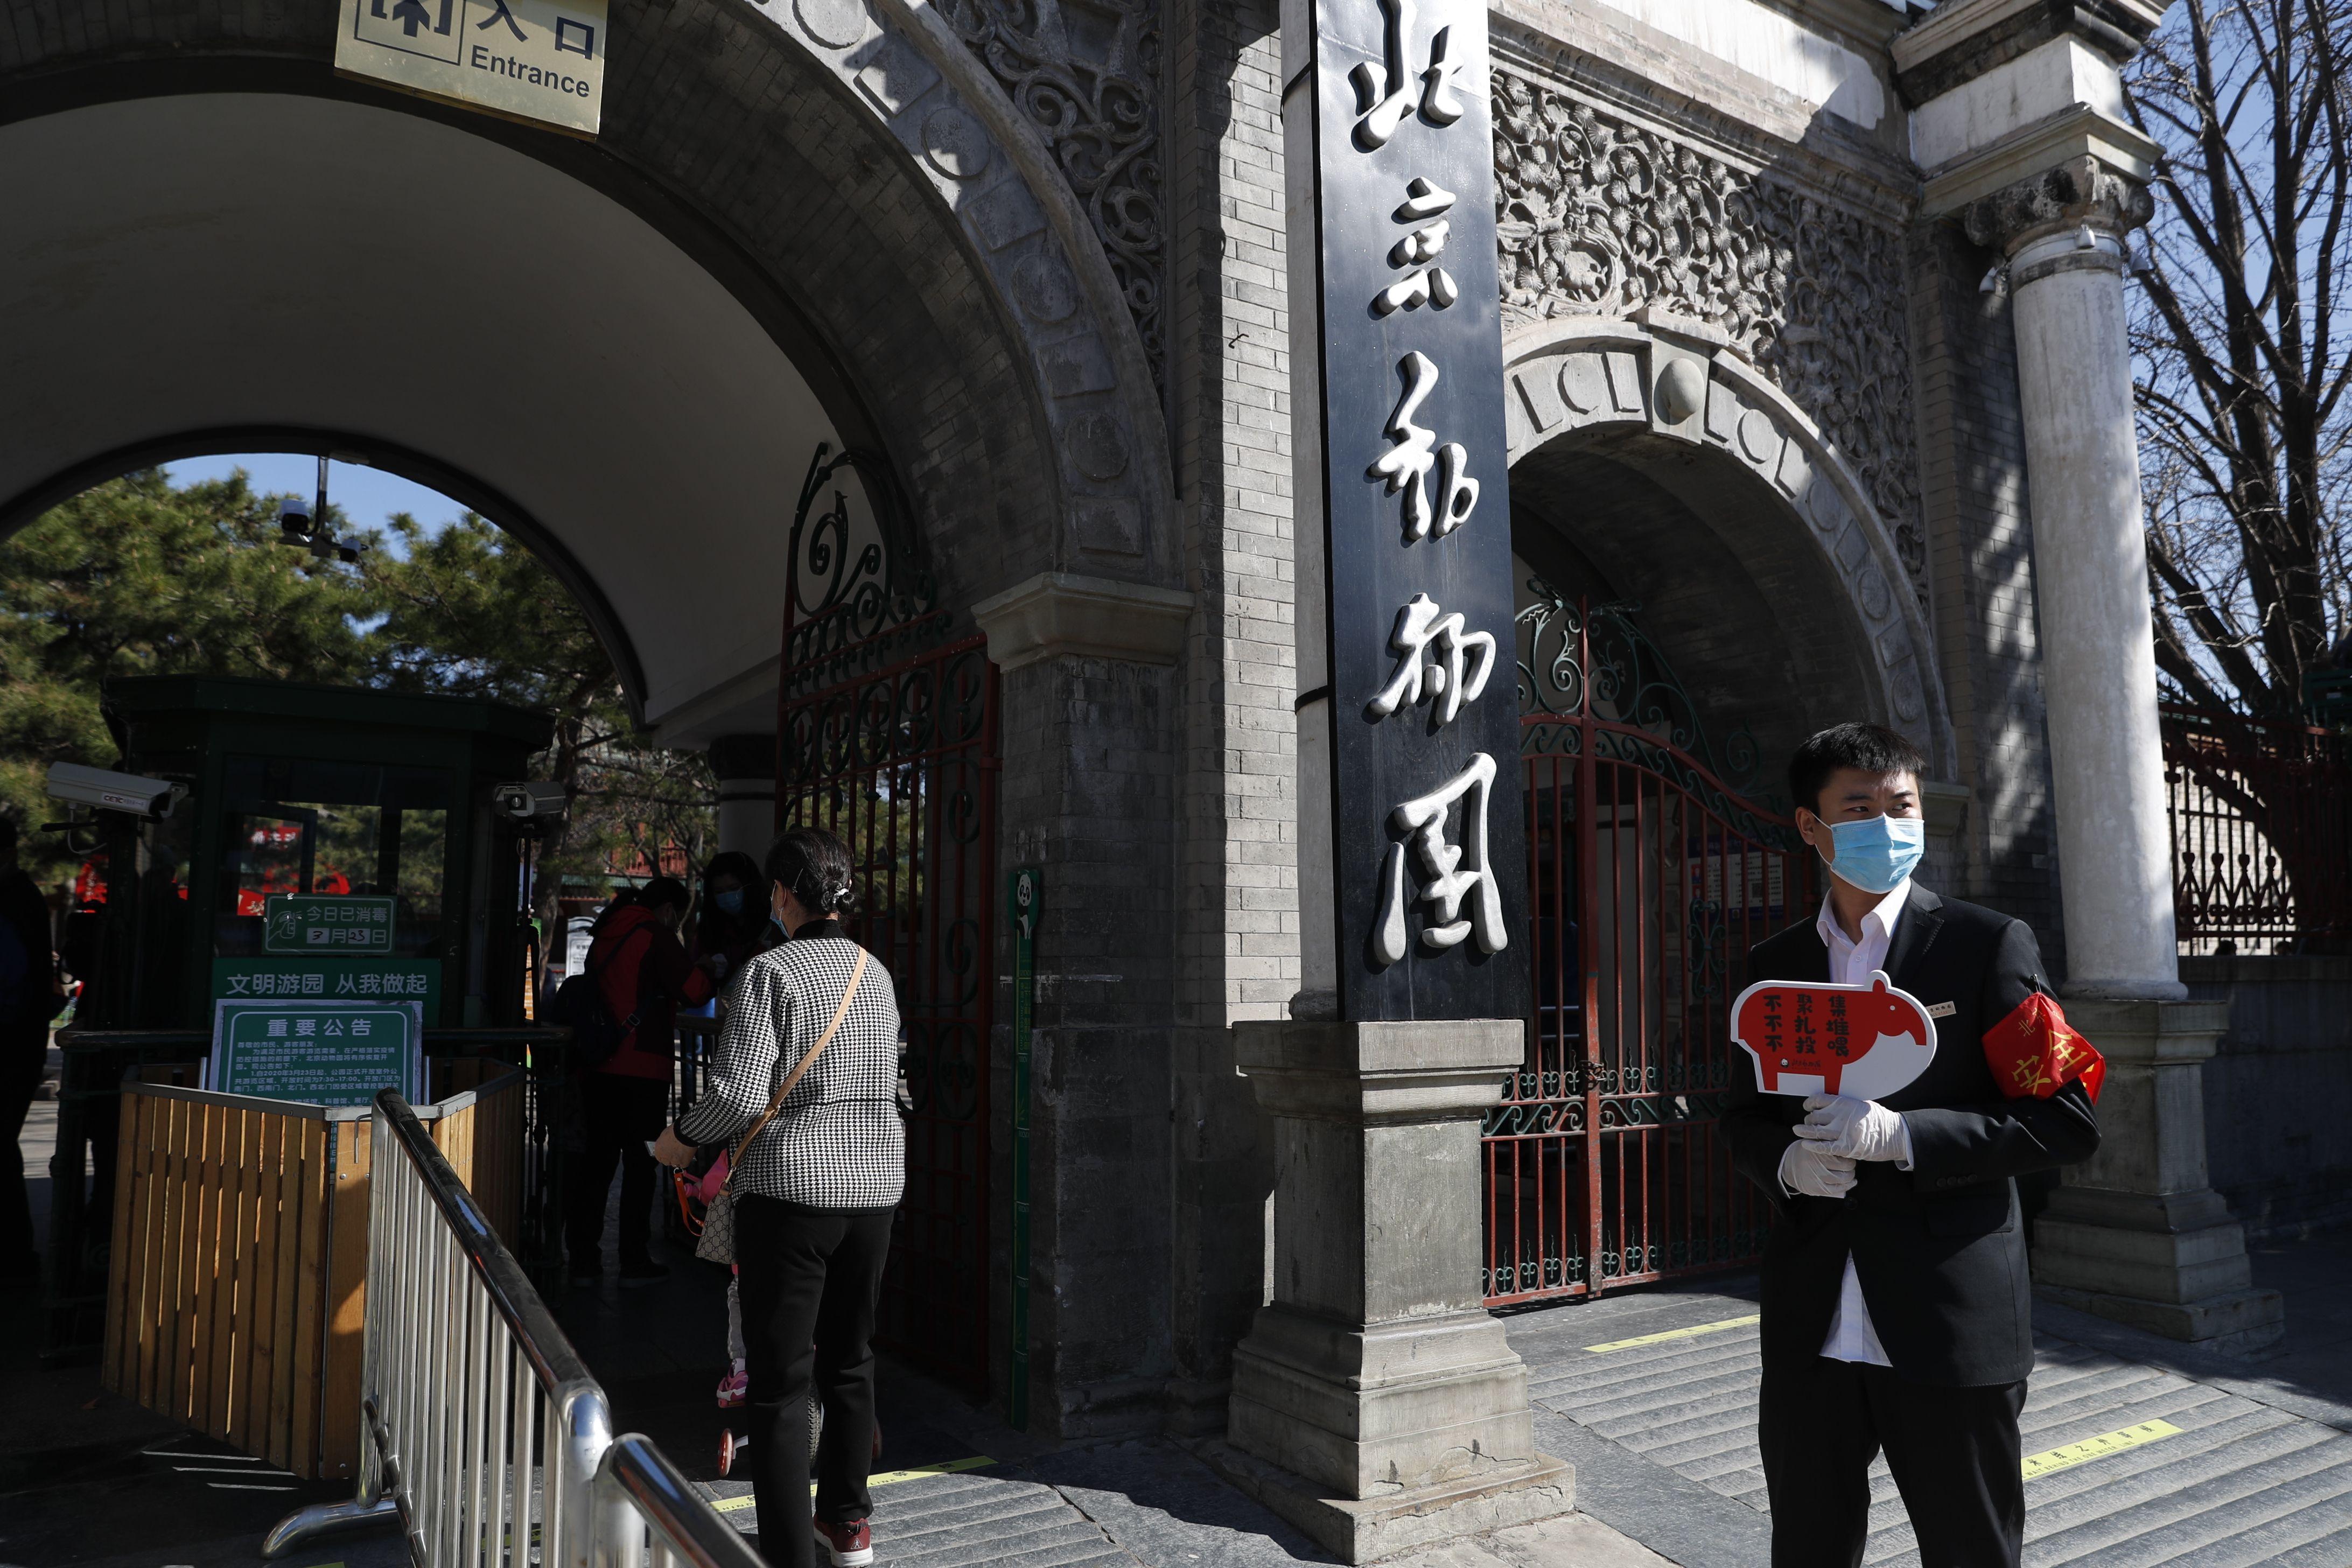 北京动物园重开首日游客寥寥,全园分片不间断巡查